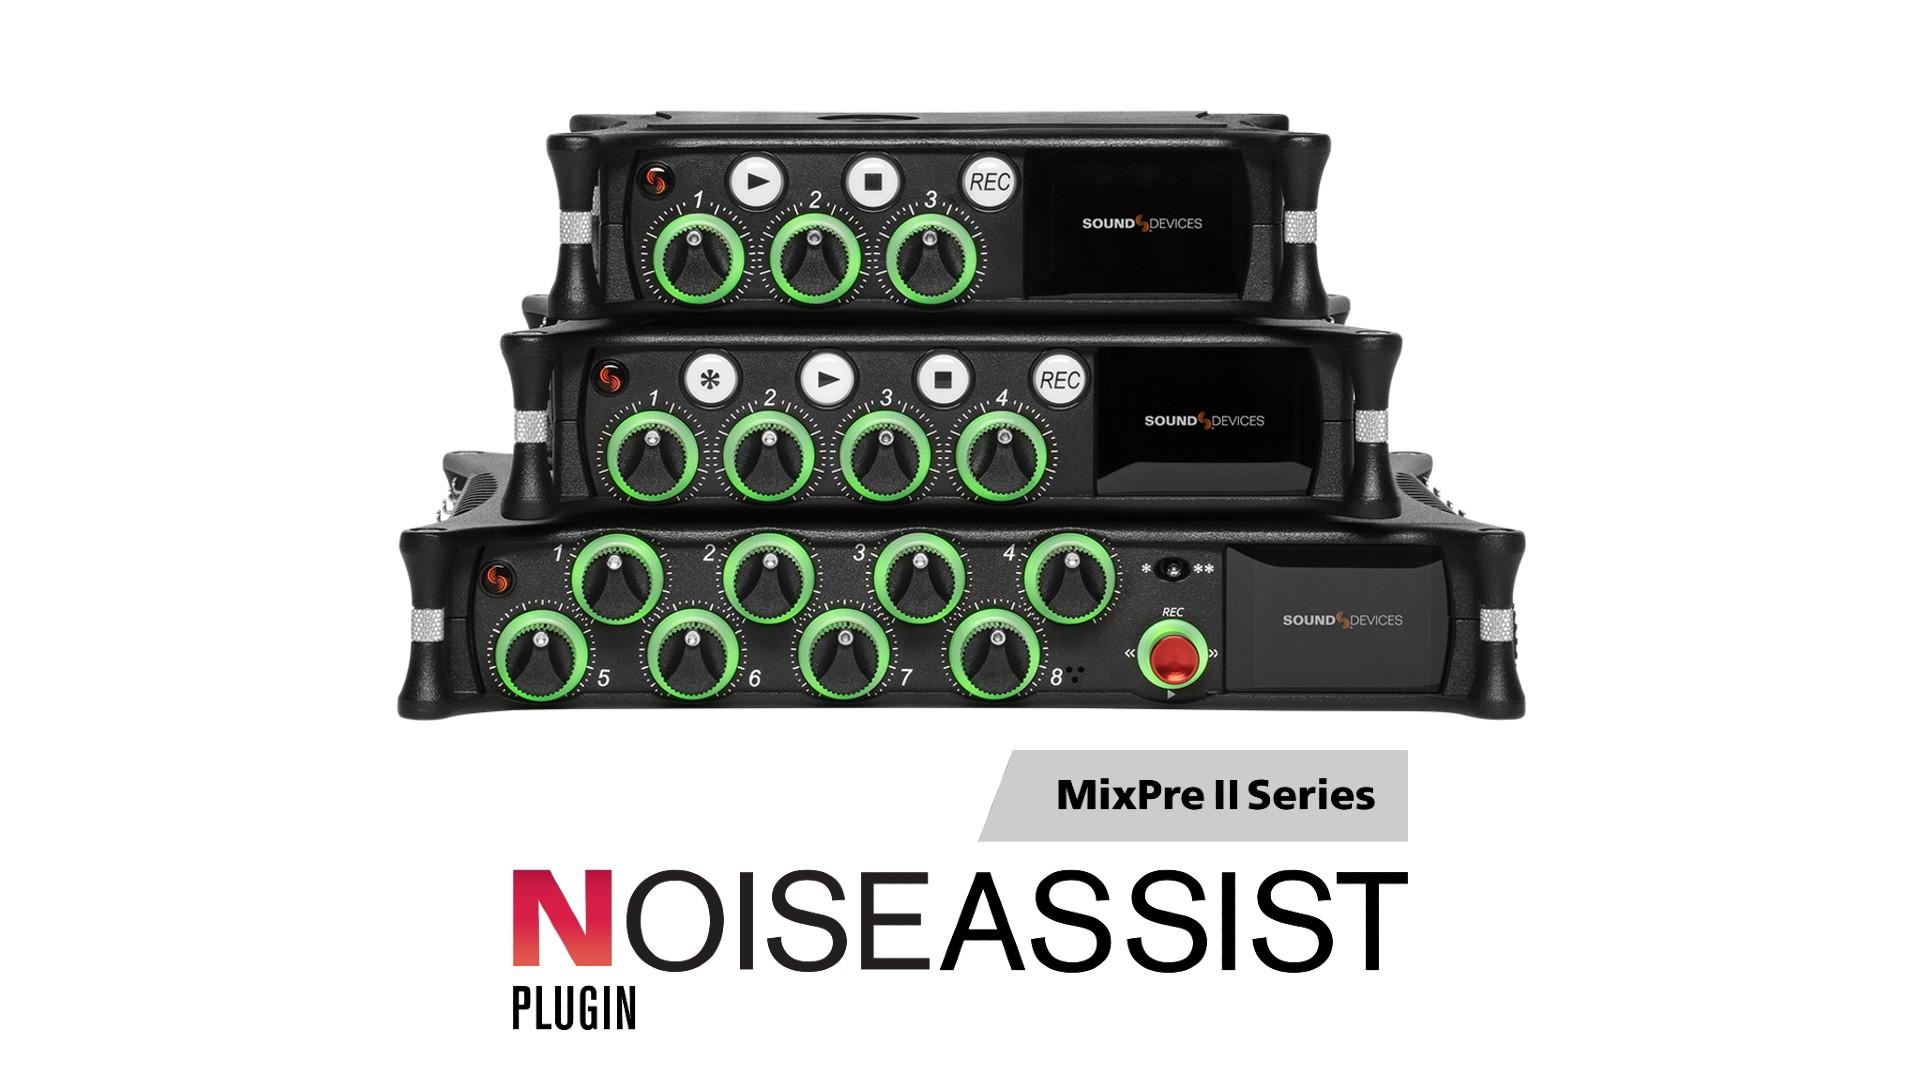 Sound Devices lanzó el plugin NoiseAssist y la actualización de firmware V7.00 para la serie MixPre